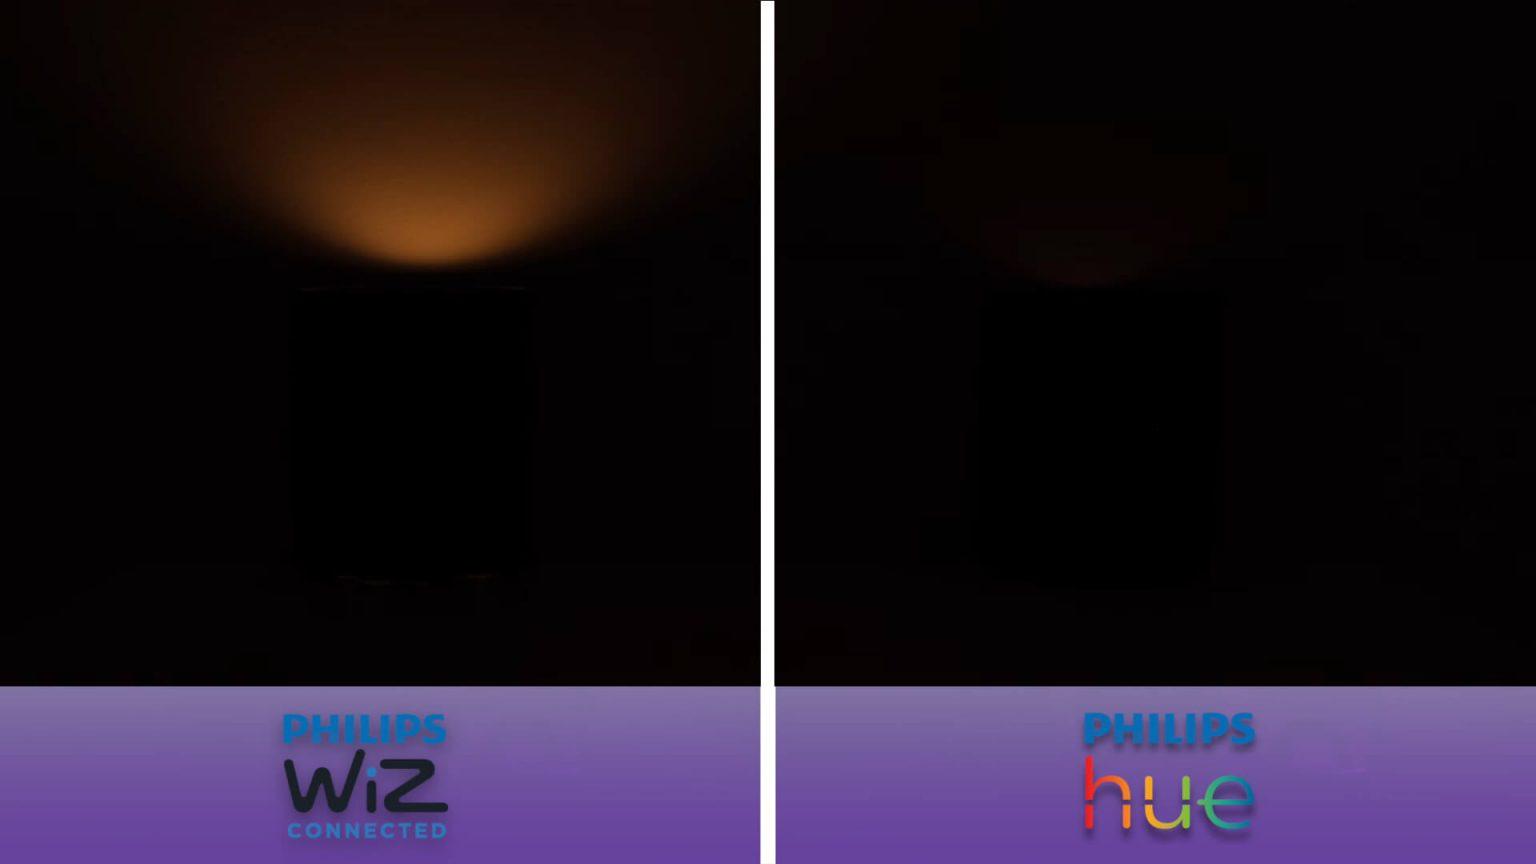 Review Wiz Vs Philips Hue 9